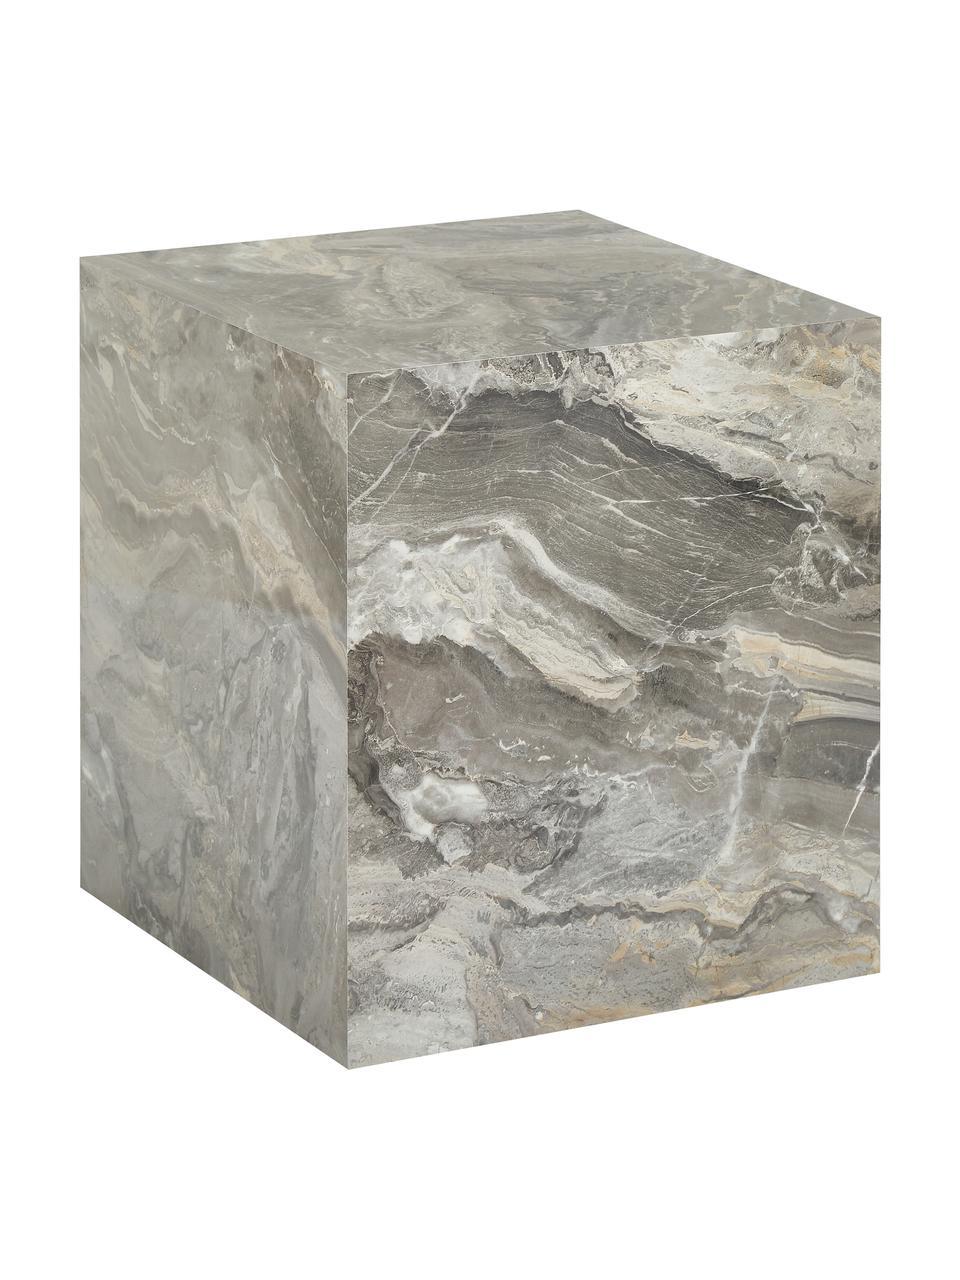 Beistelltisch Lesley in Marmor-Optik, Mitteldichte Holzfaserplatte (MDF), mit Melaminfolie überzogen, Grau, Marmor-Optik, 45 x 50 cm